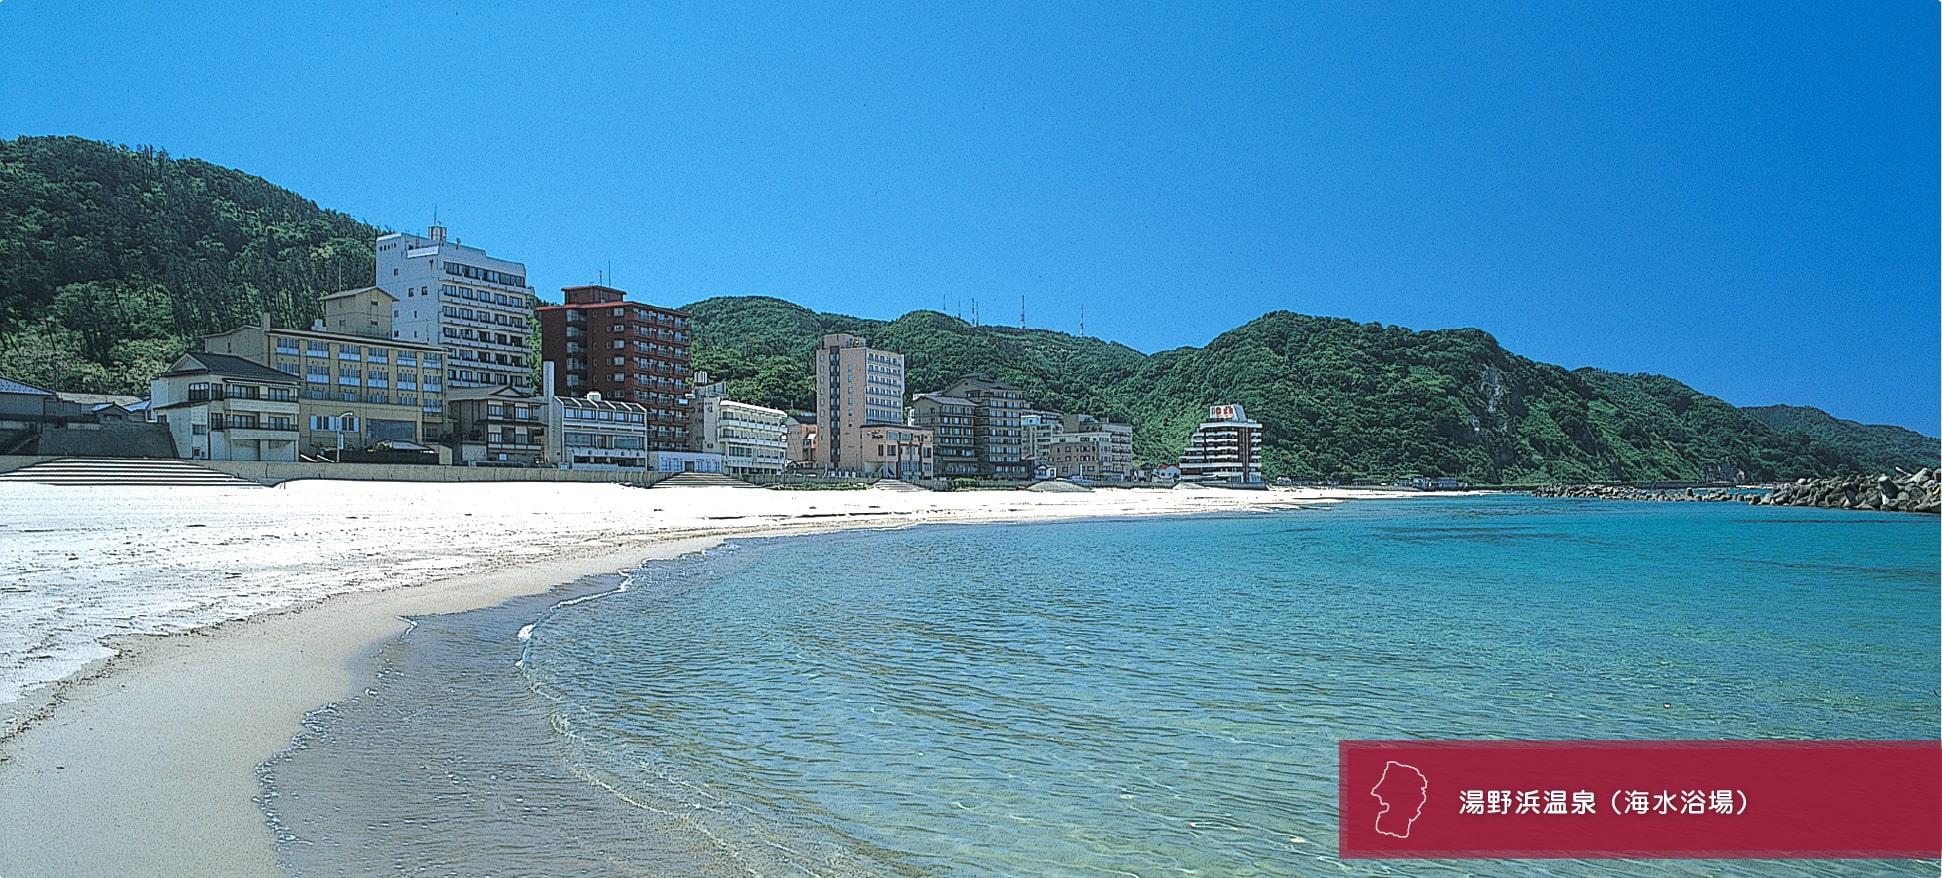 湯野浜温泉(海水浴場)